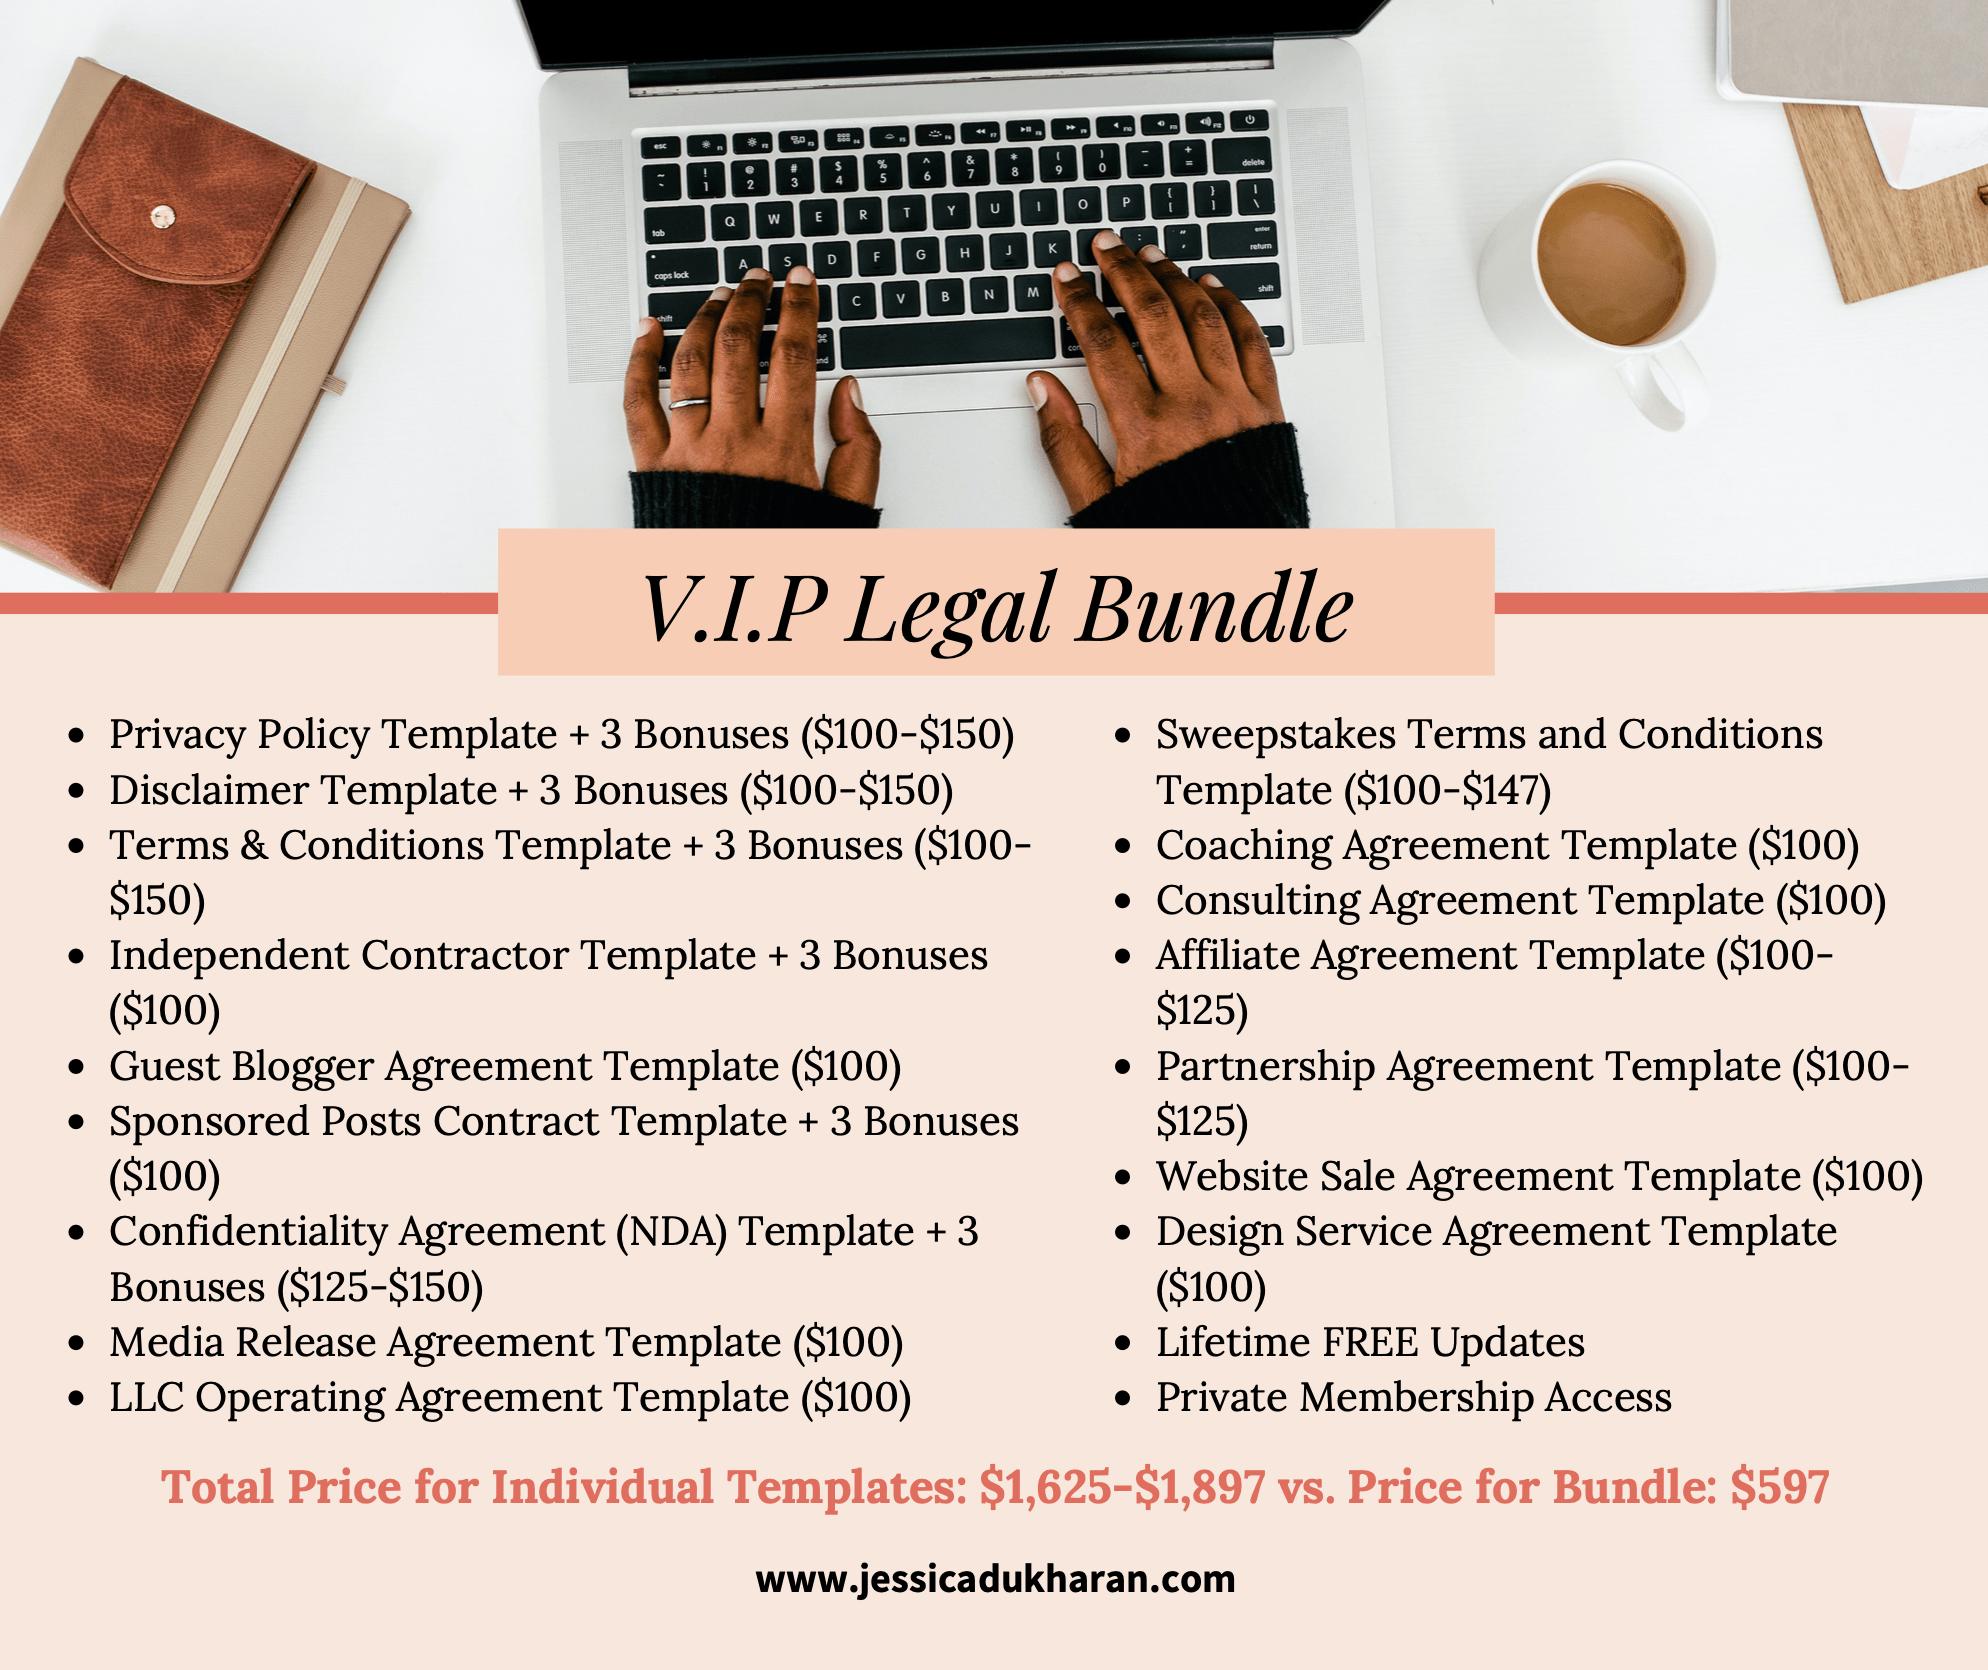 V.I.P Legal Bundle